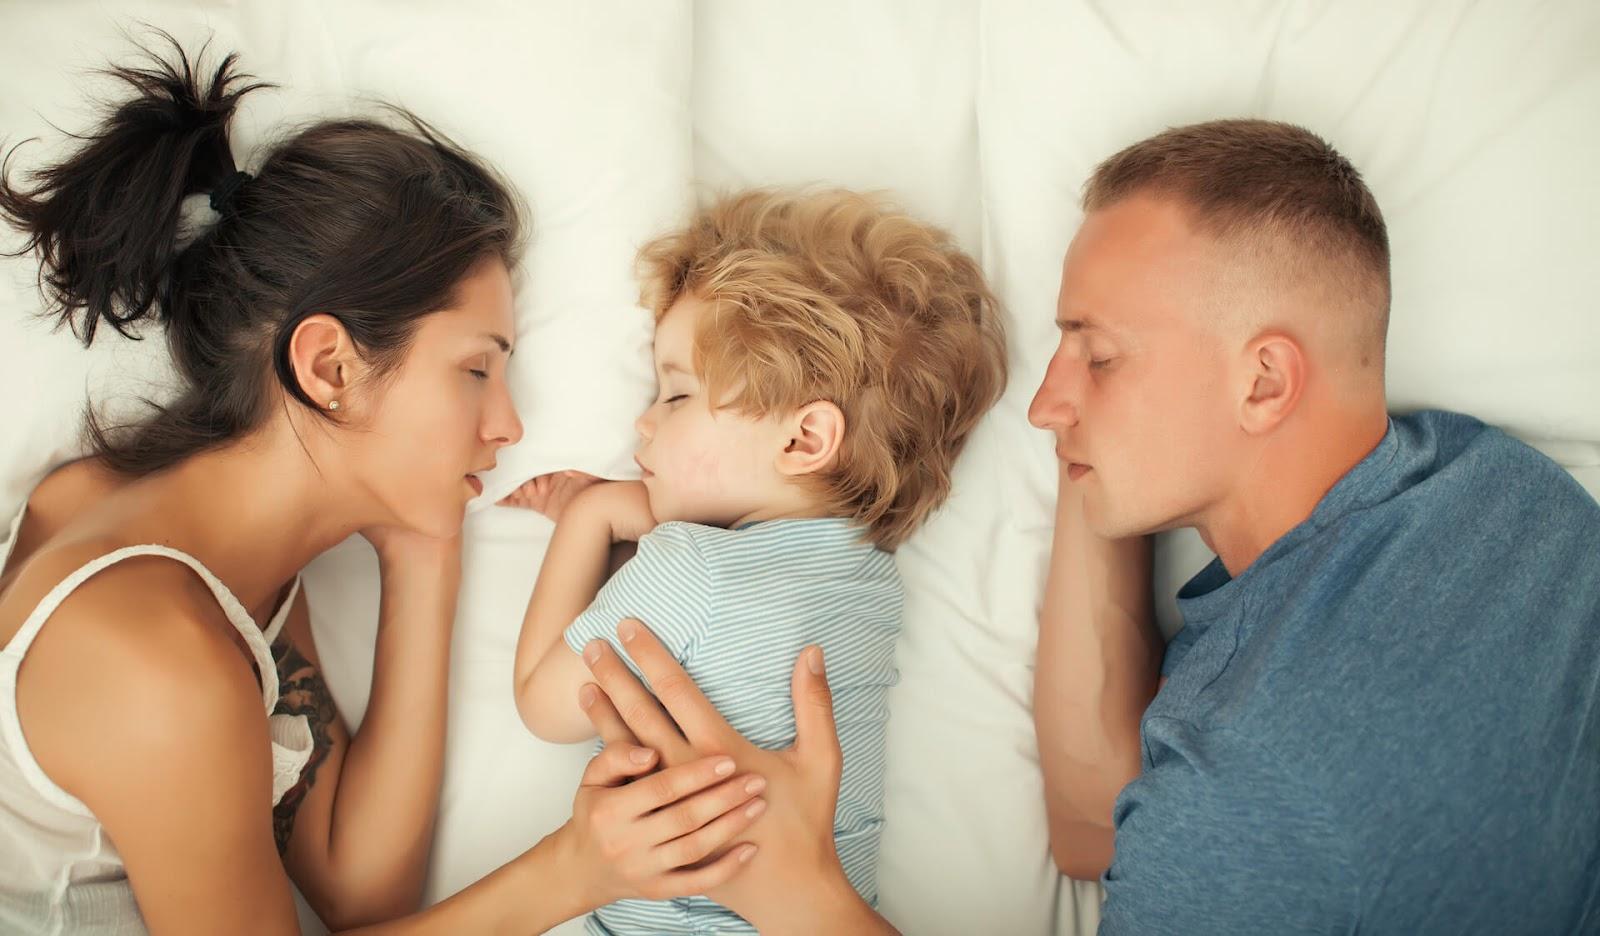 Child sleeping in bed between parents